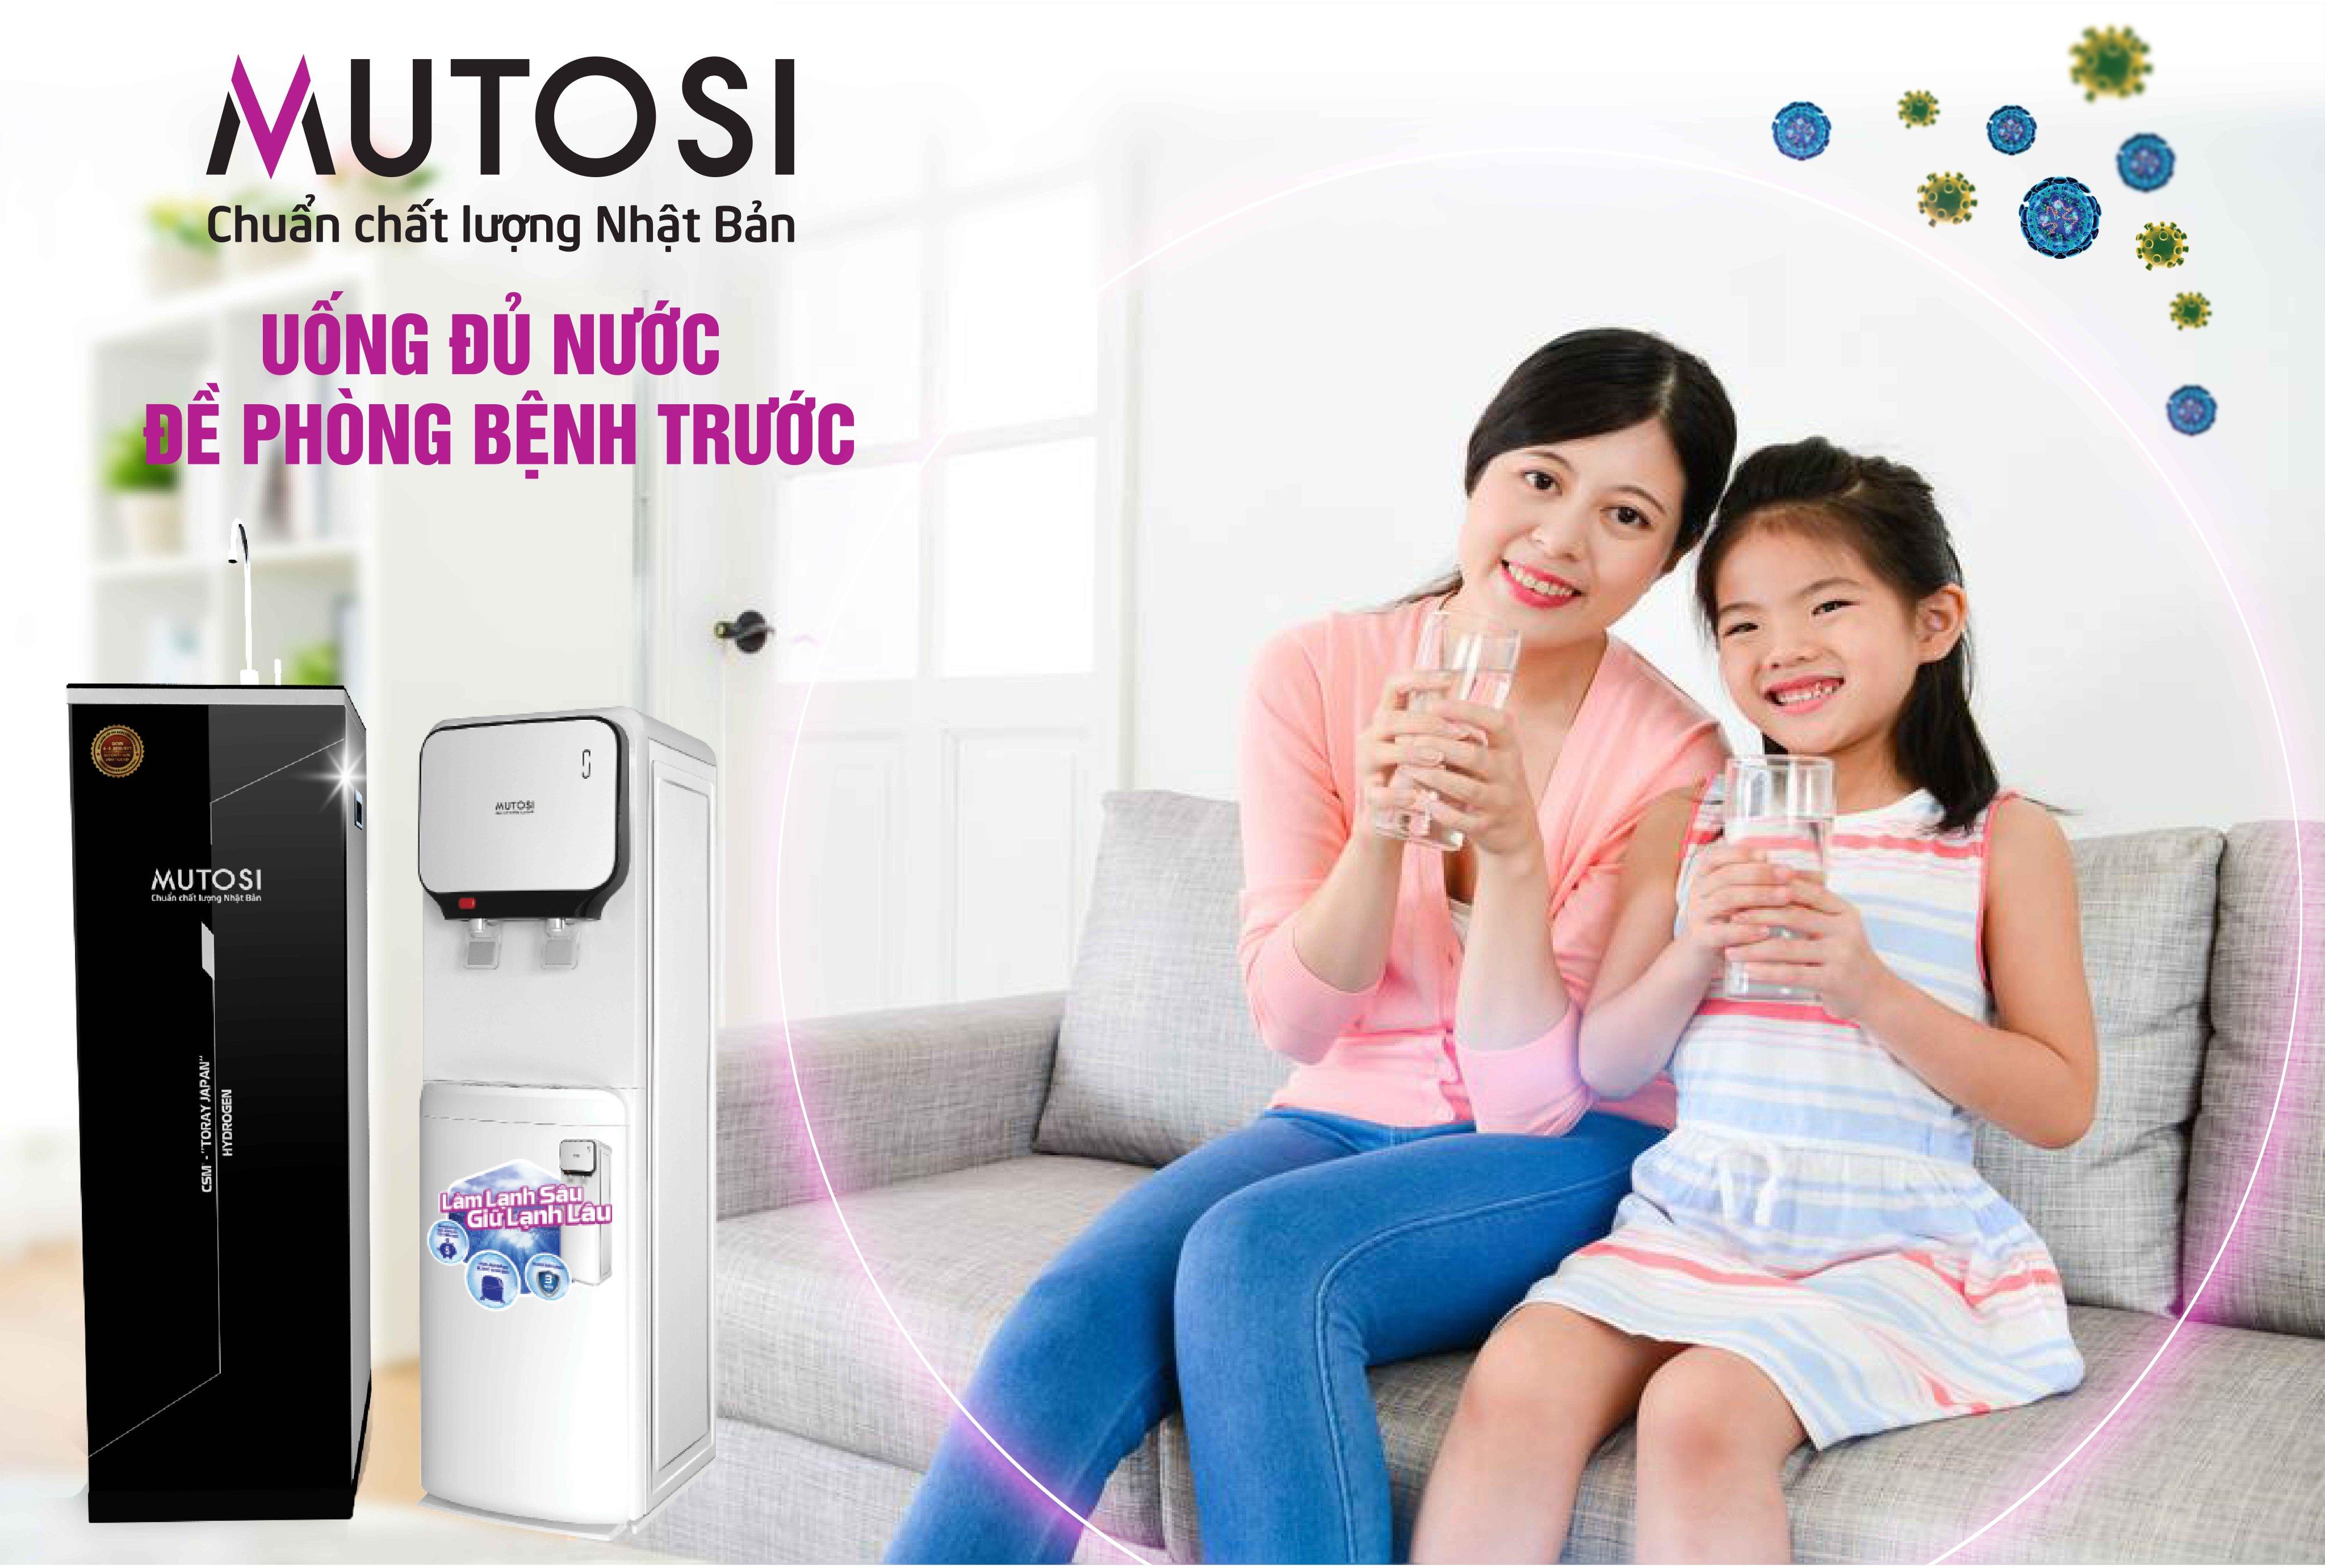 Lỗi đúc số 2 - OCB-GAC - Máy lọc nước RO - Hàng chính hãng Mutosi